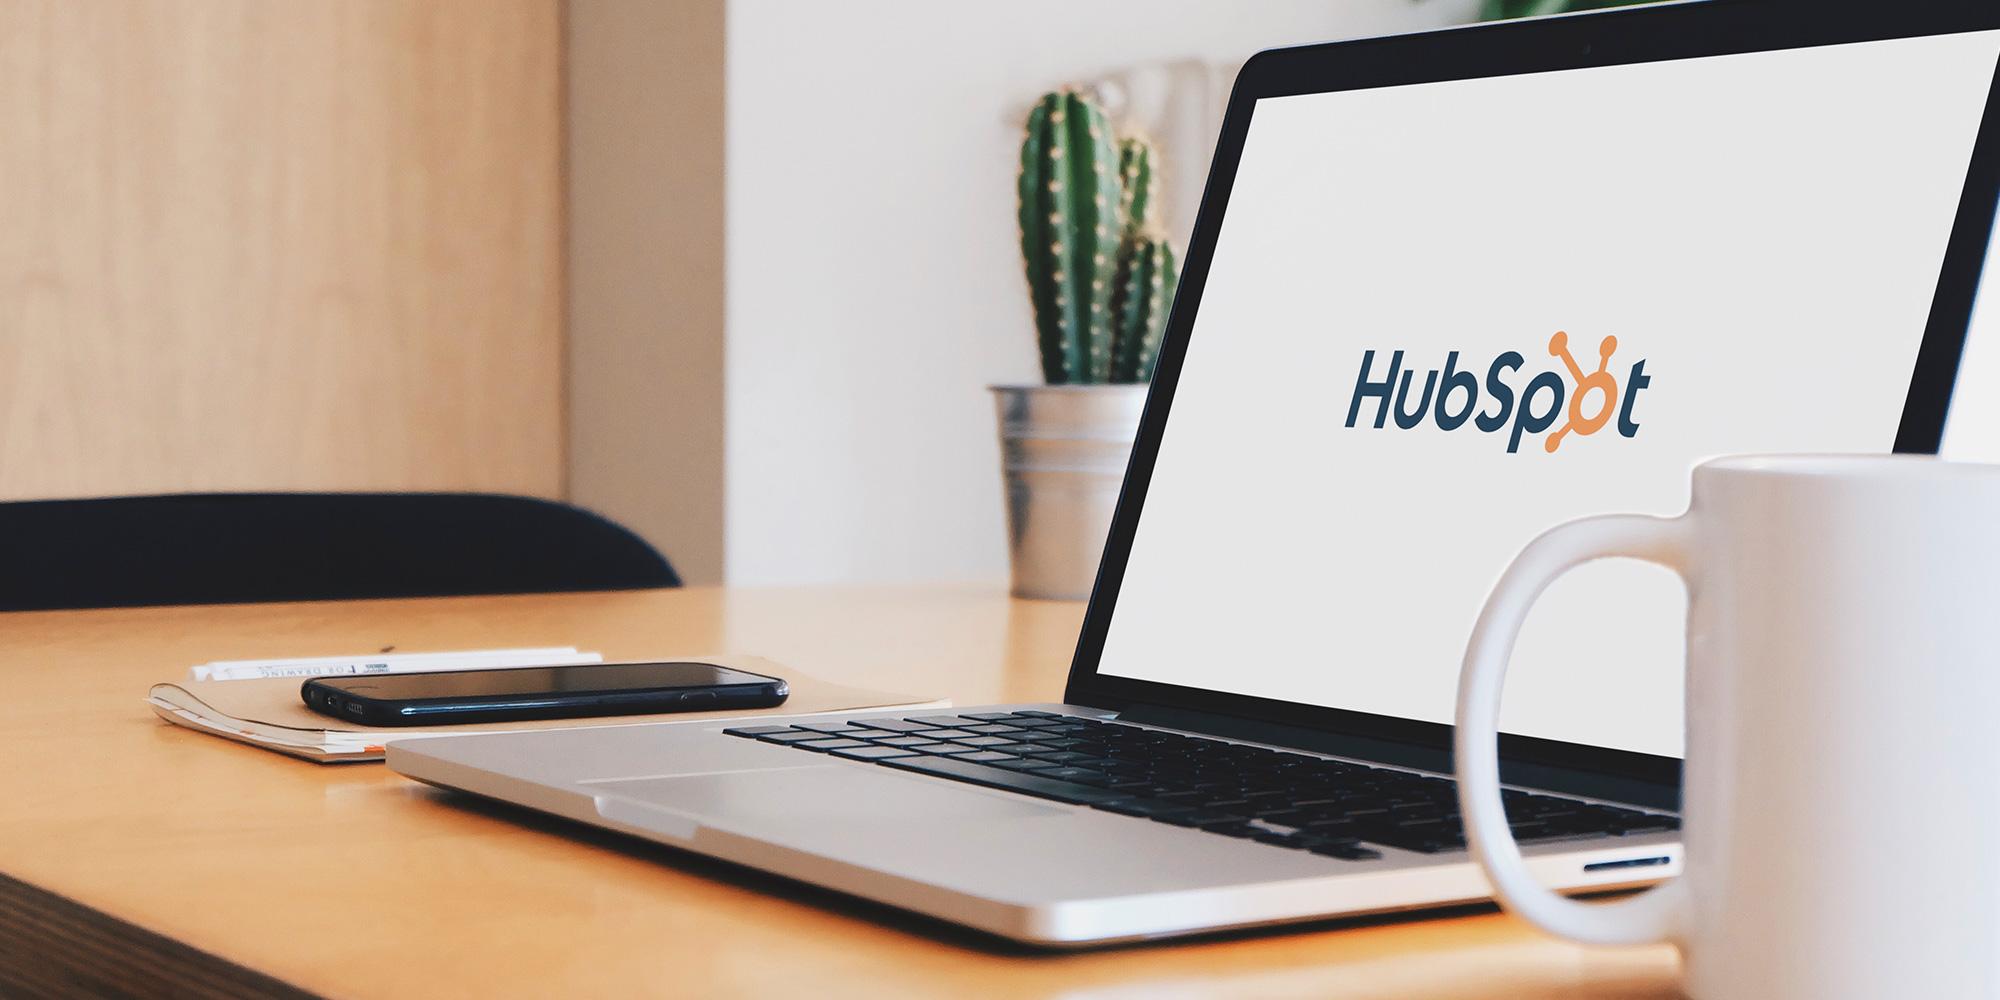 HubSpot-Free-Audit-From-Innovation-Visual-1